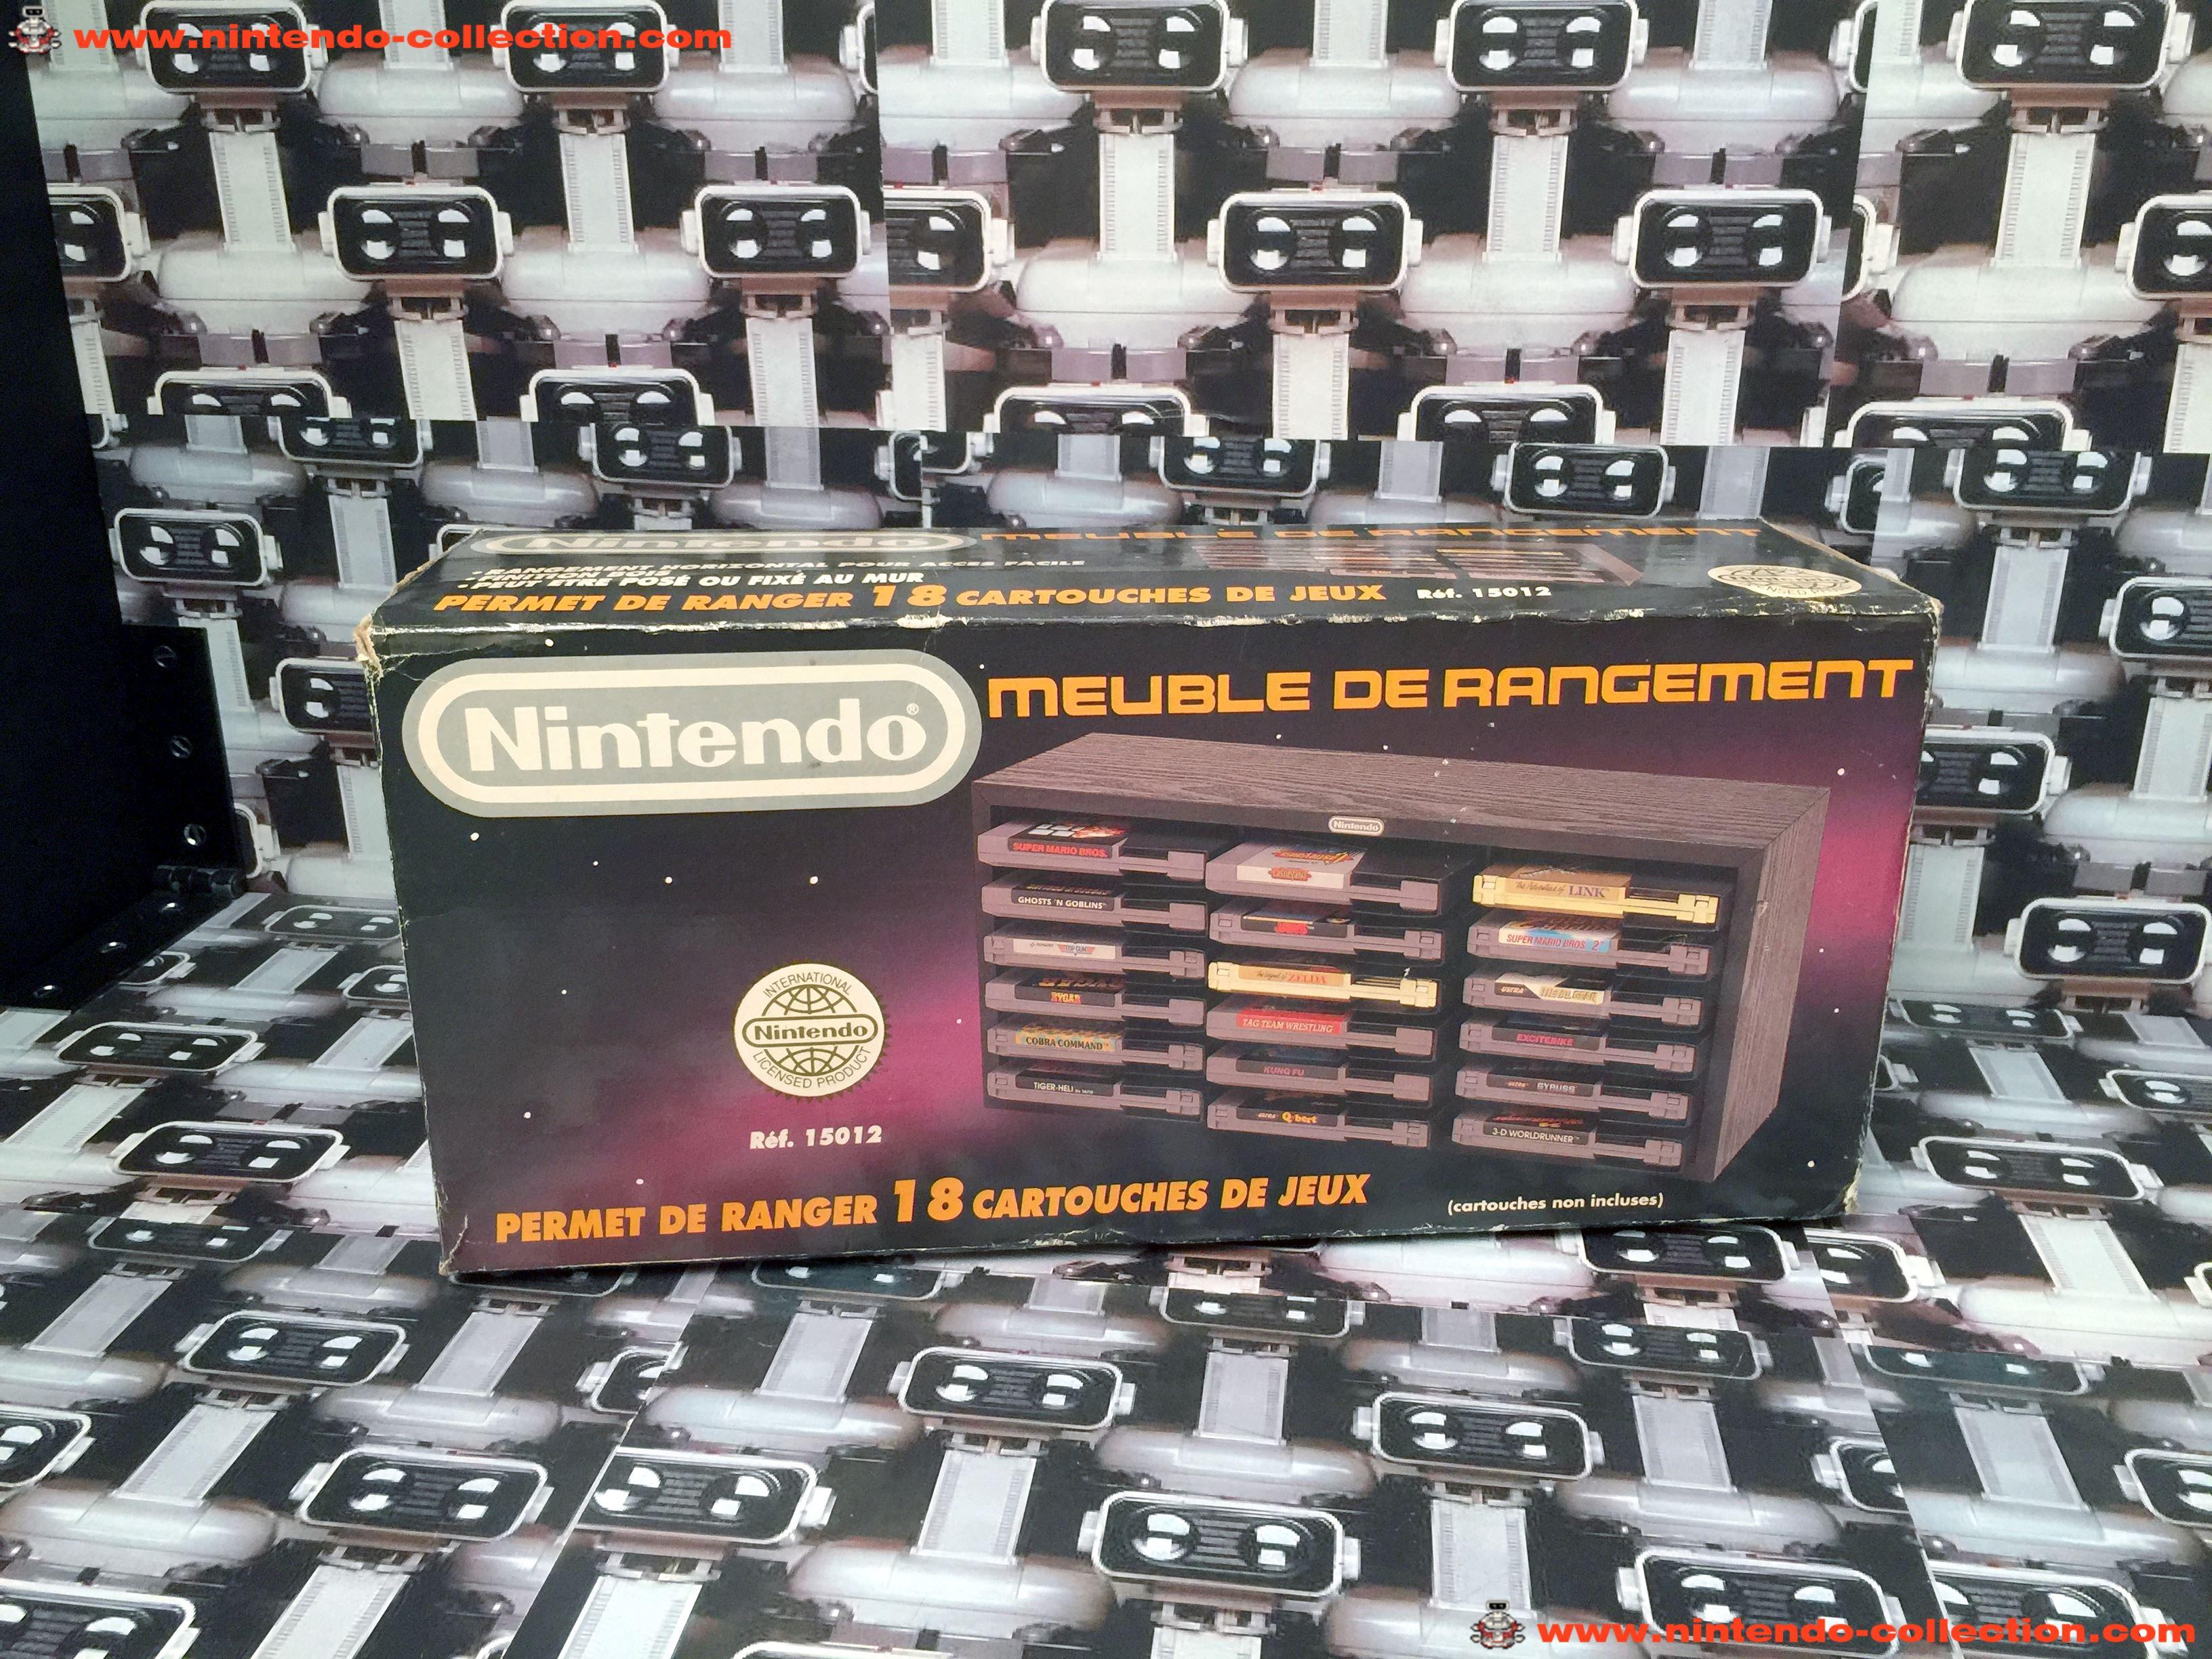 www.nintendo-collection.com - Nintendo NES accessory Accessoire Meuble de Rangement - 01